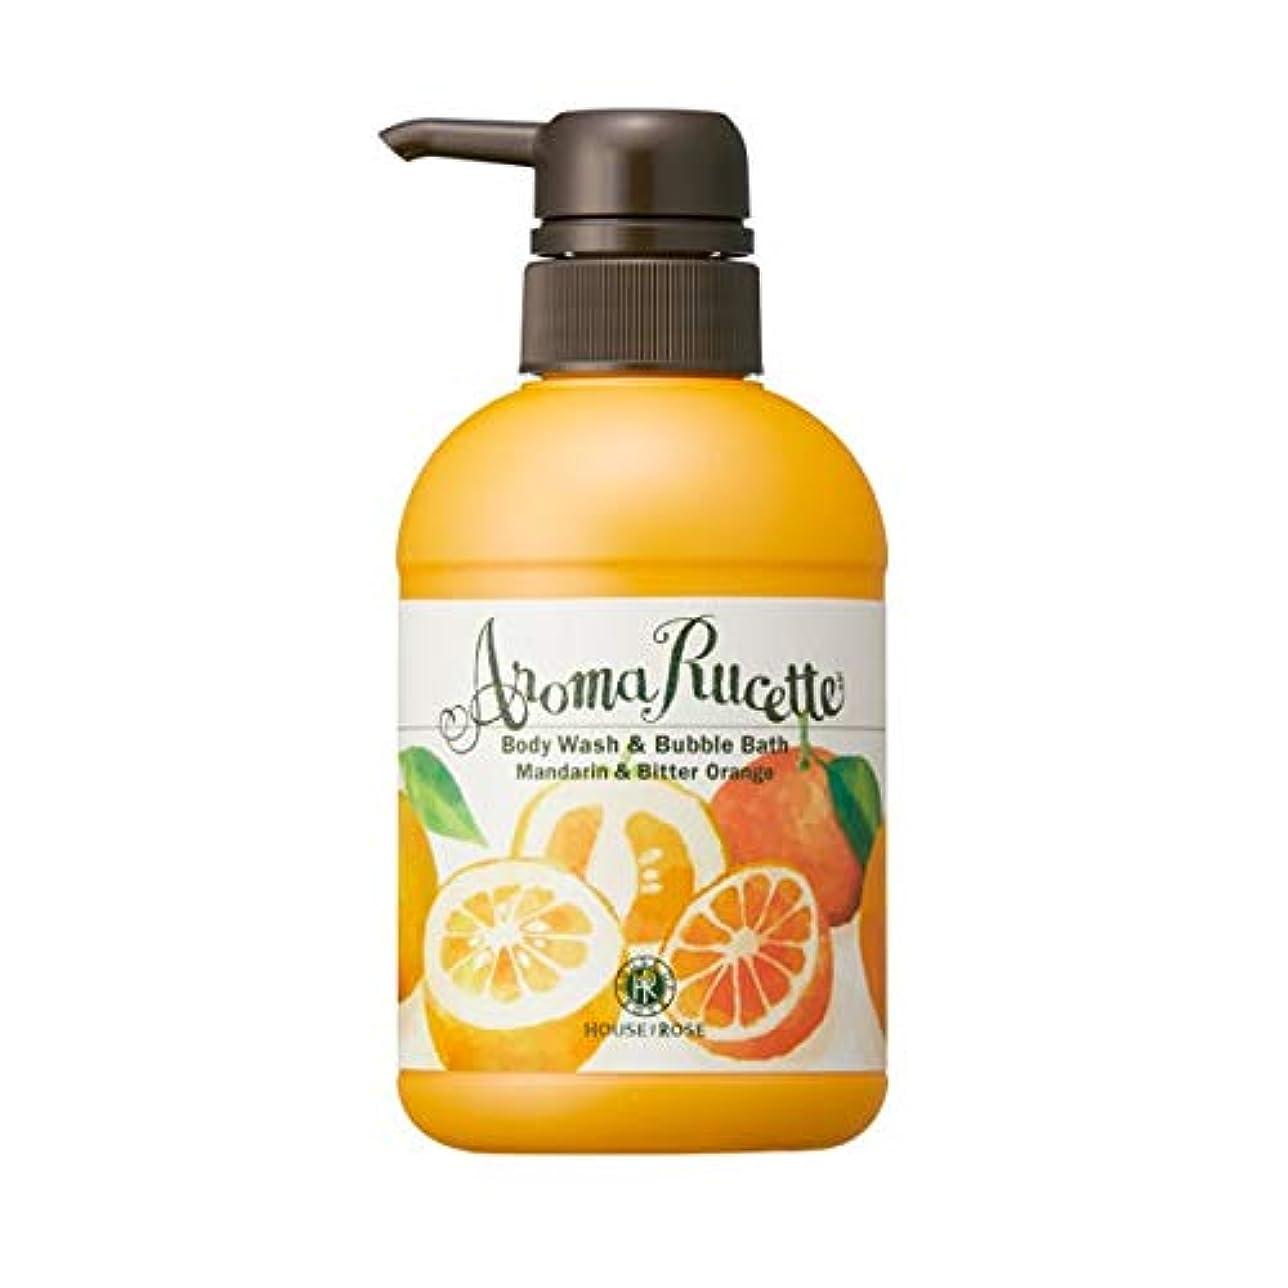 哀れな開拓者トークHOUSE OF ROSE(ハウスオブローゼ) ハウスオブローゼ/アロマルセット ボディウォッシュ&バブルバス MD&BO(マンダリン&ビターオレンジの香り)350mL